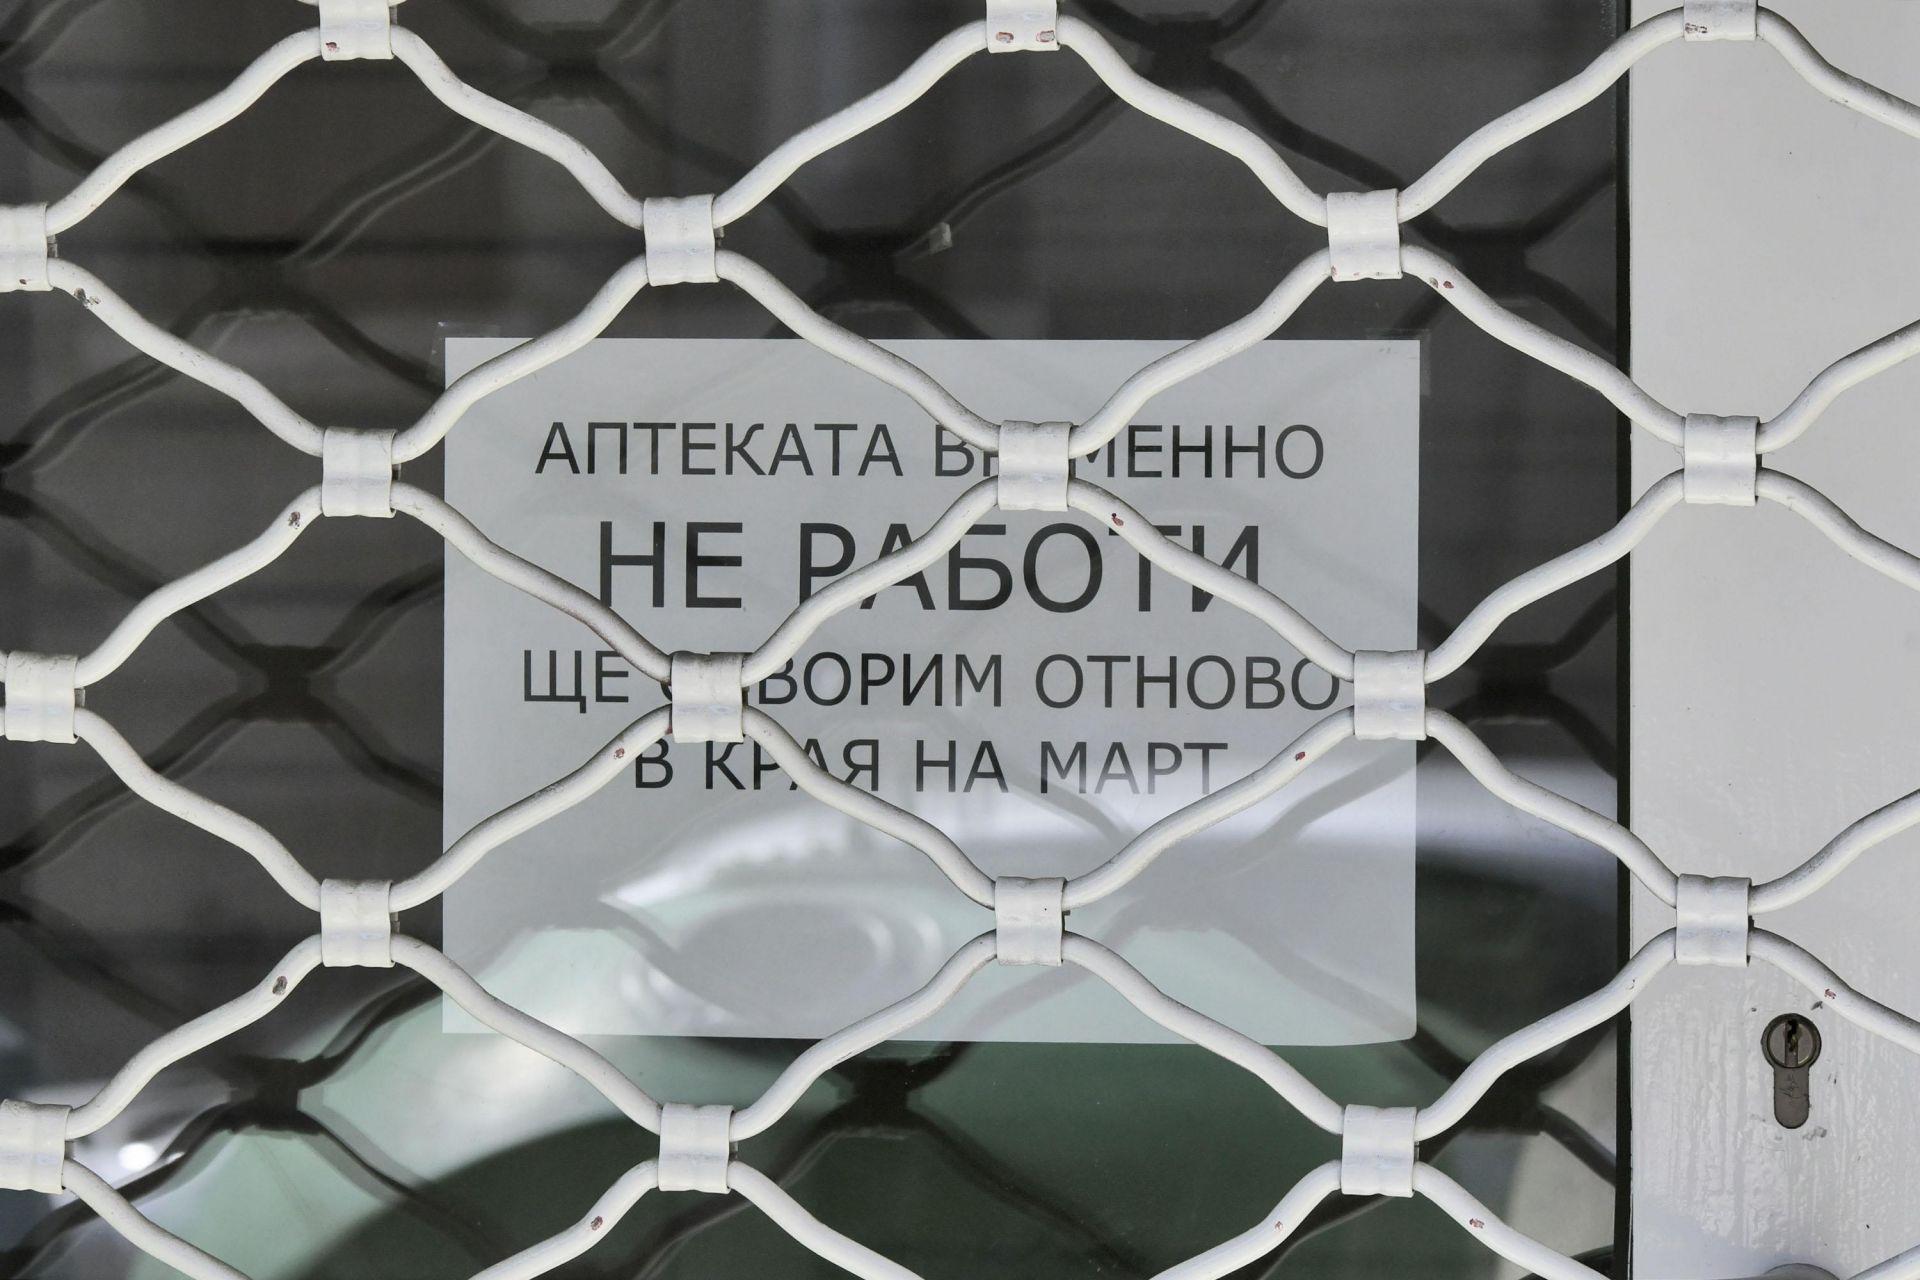 Заради проверките по аптечната мрежа започнаха да се появяват табелки за затворени аптеки.